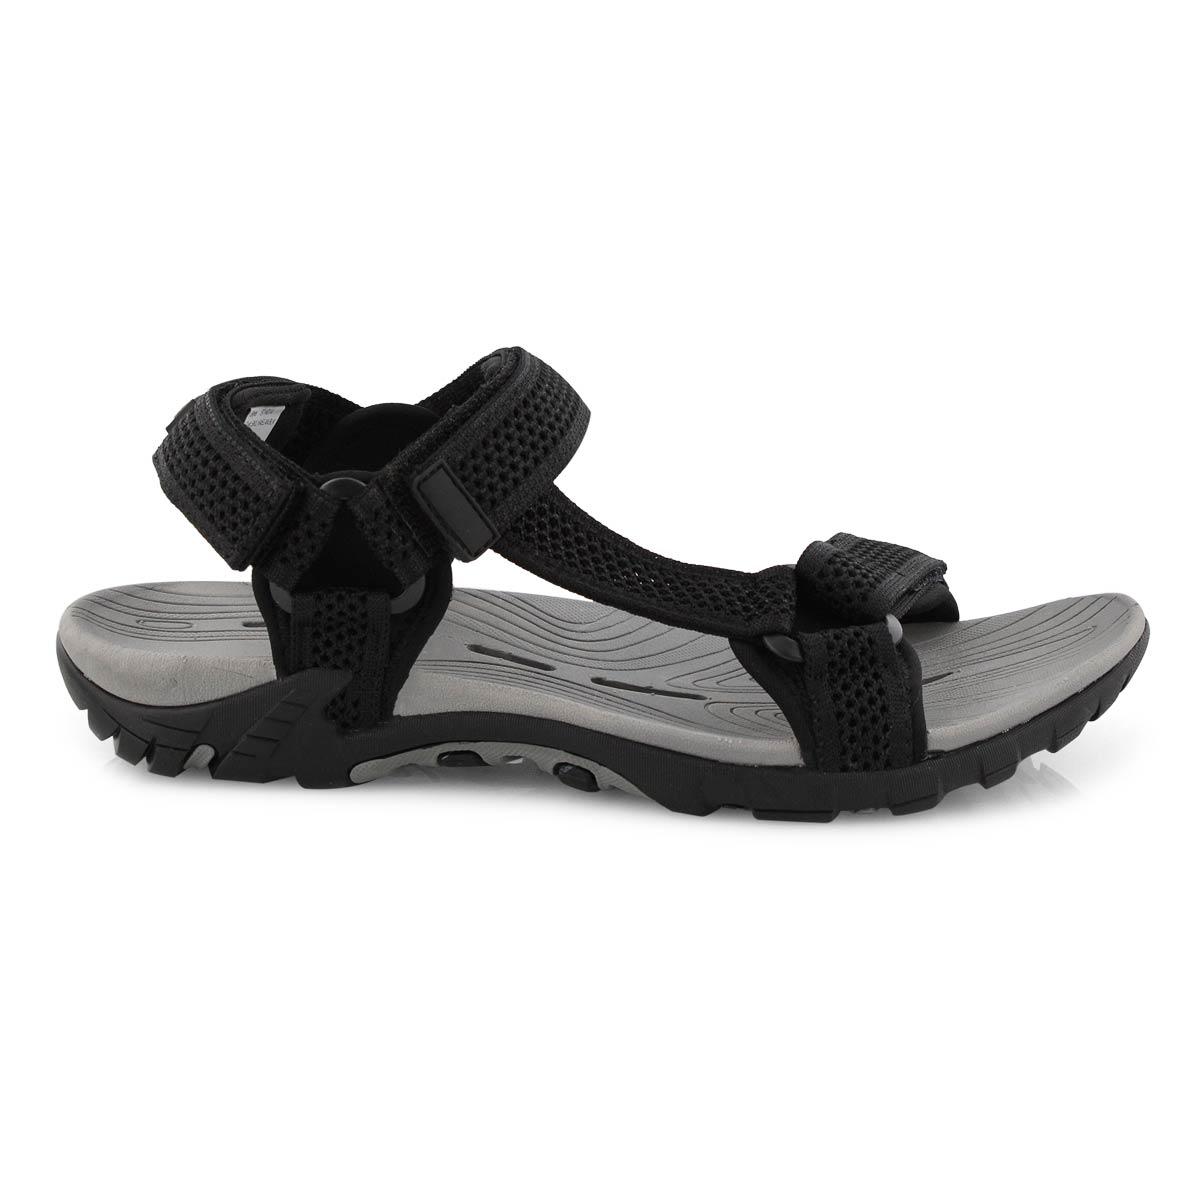 Mns Kaelan black 3 strap sport sandal